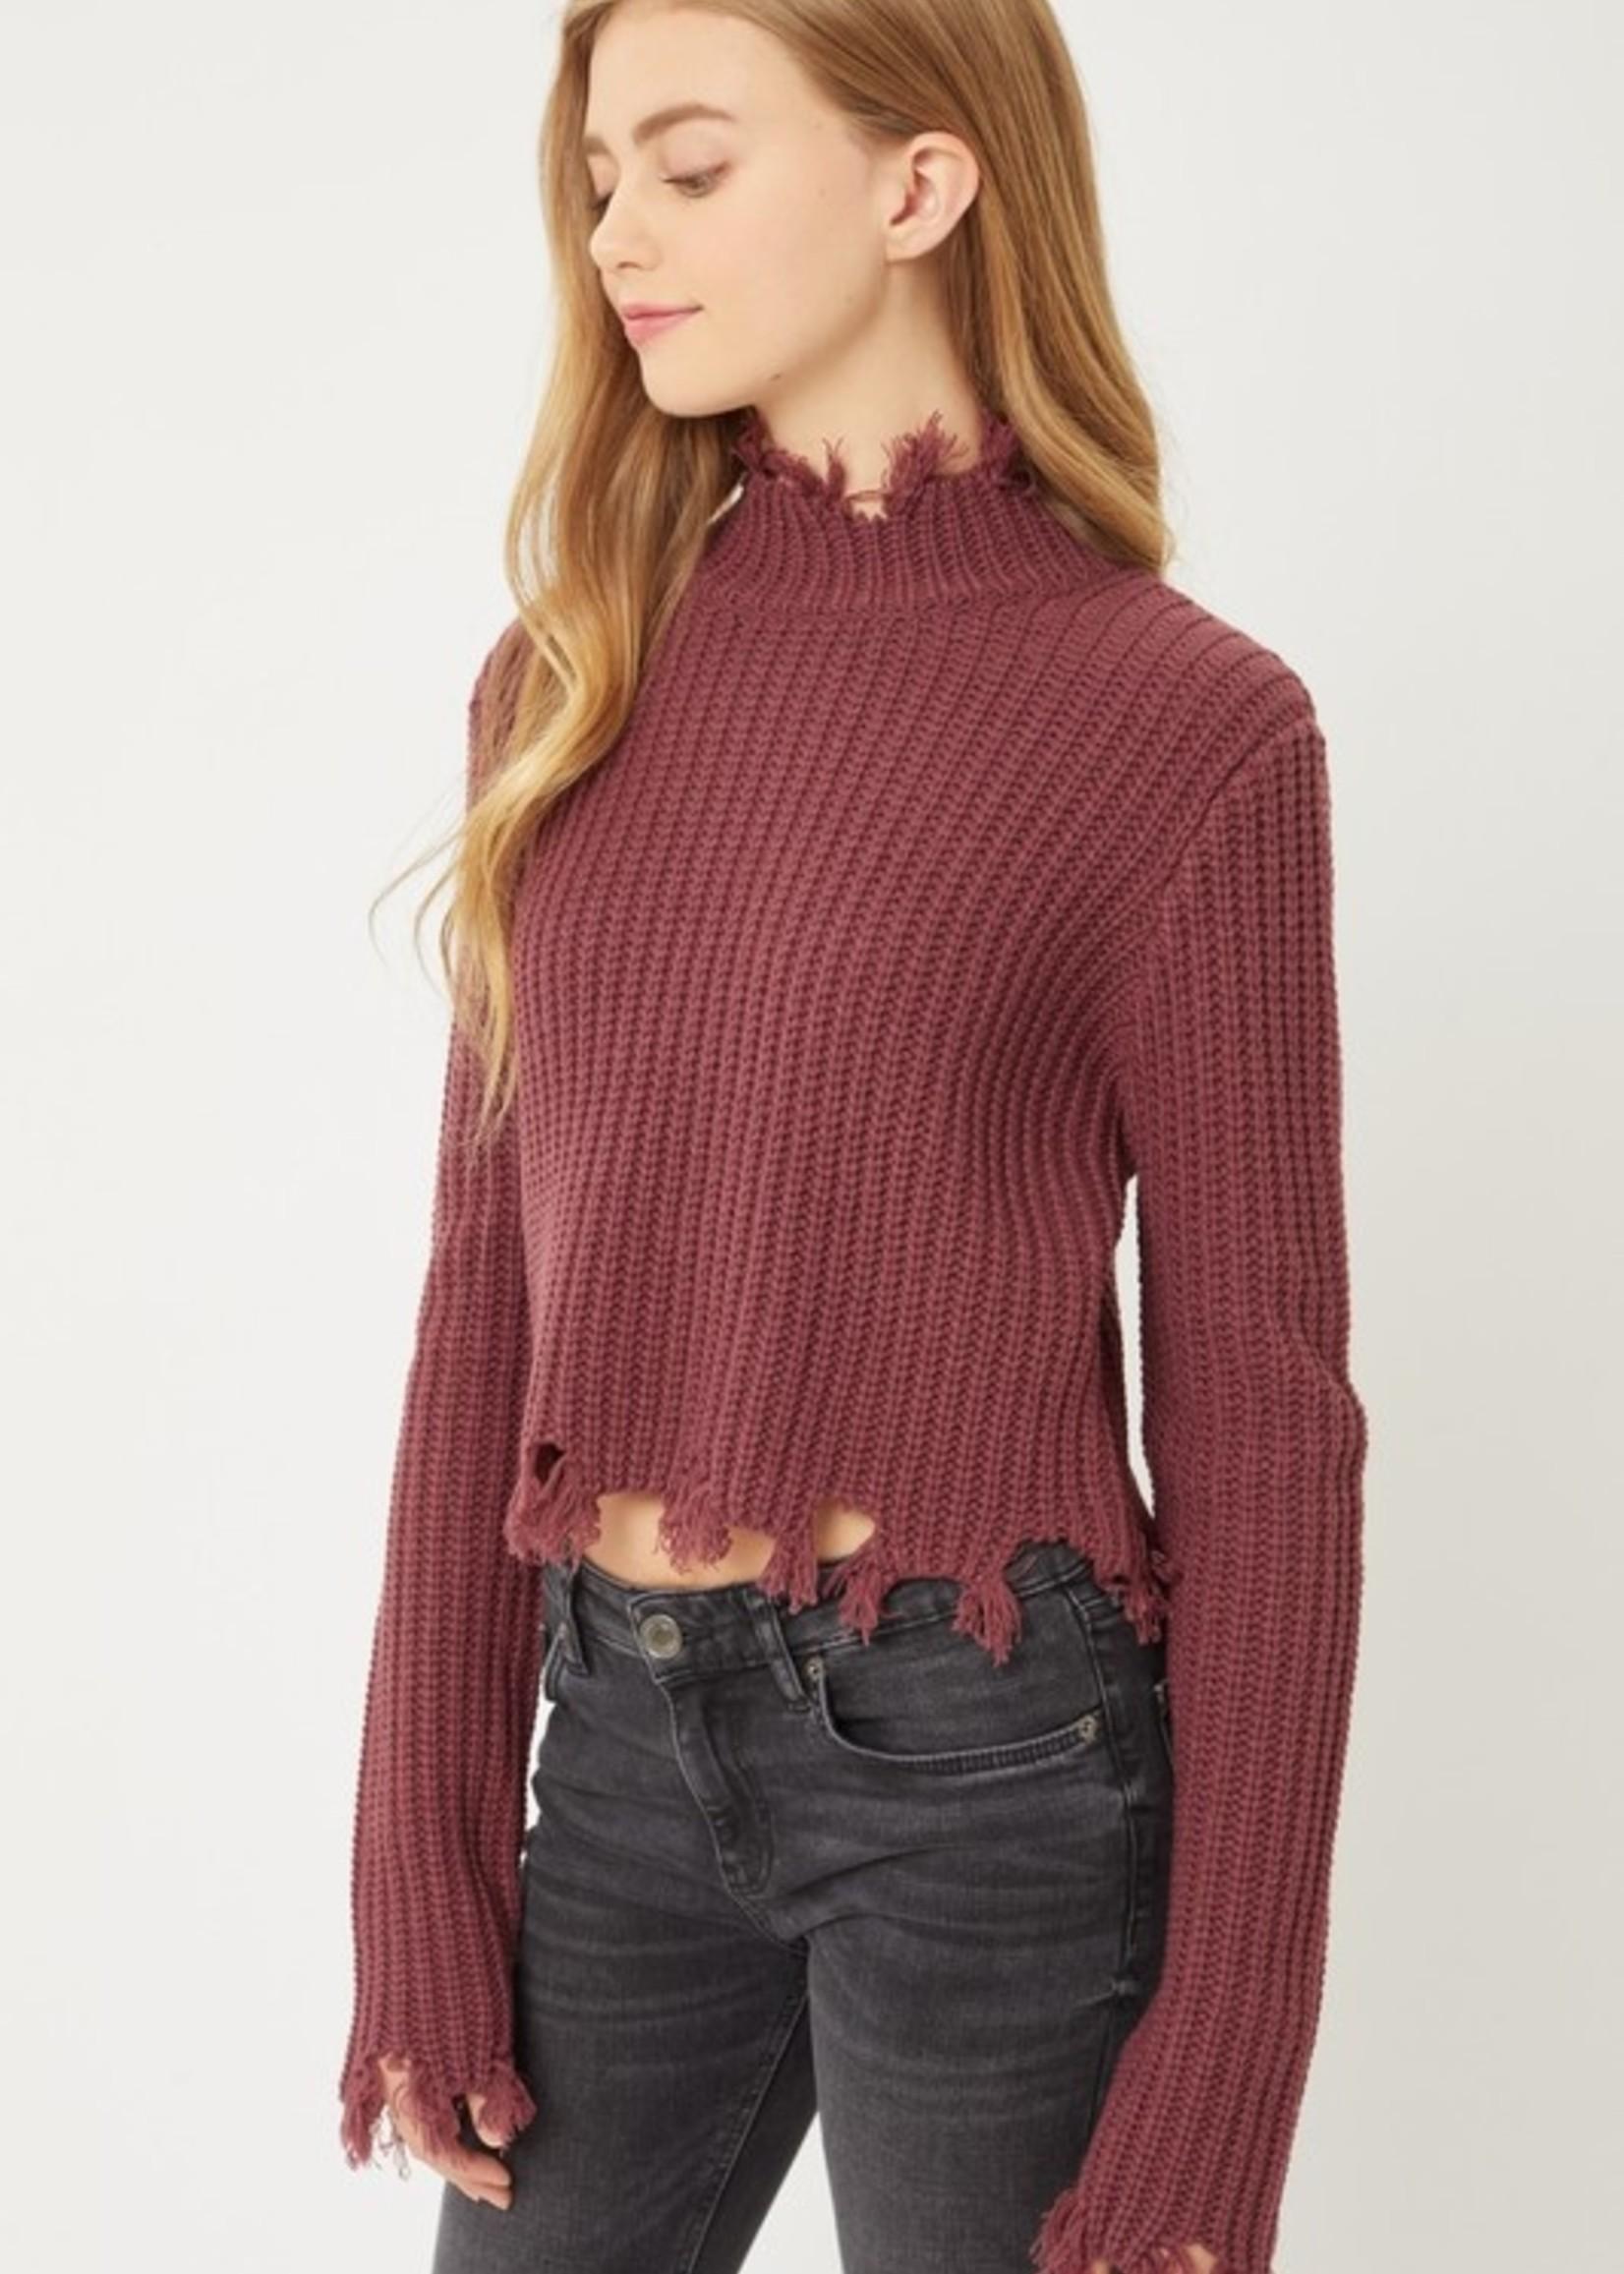 Distressed Crew Neck Sweater - Cherry Stone